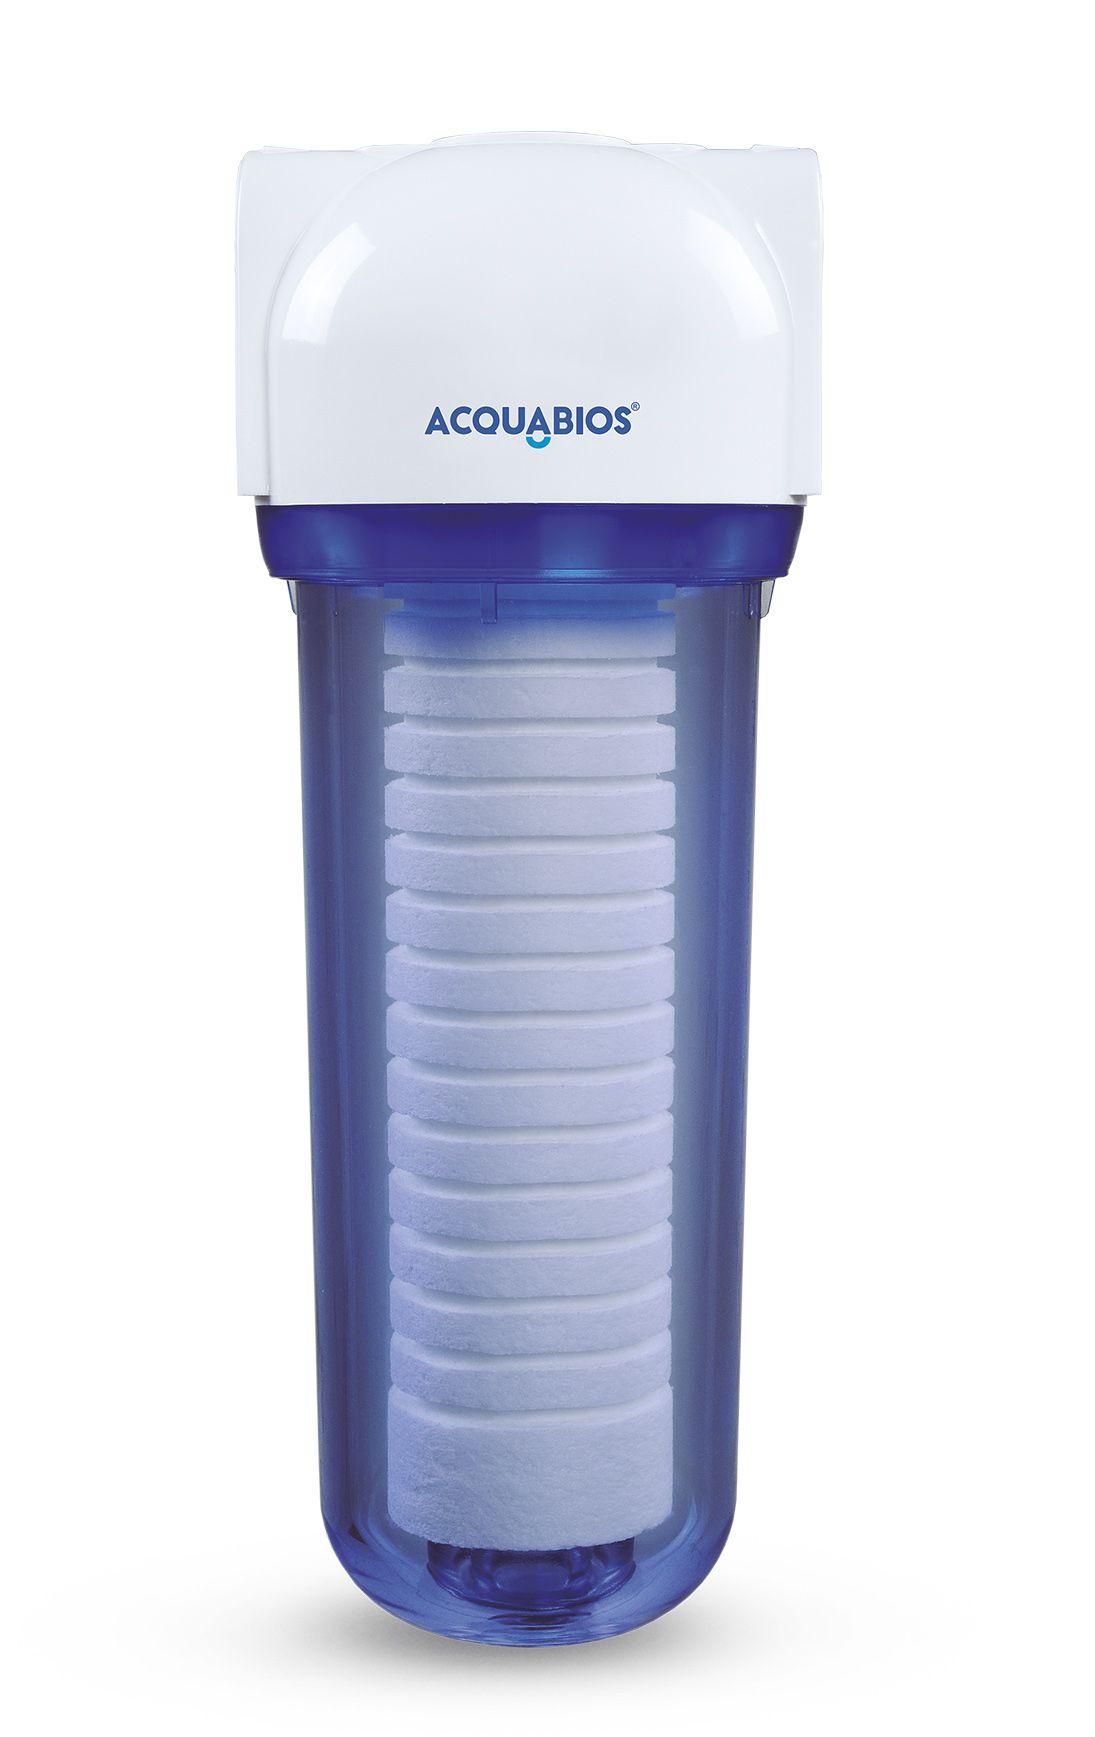 Filtro De Água Para Máquina De lavar Acquabios Maq Lav 200